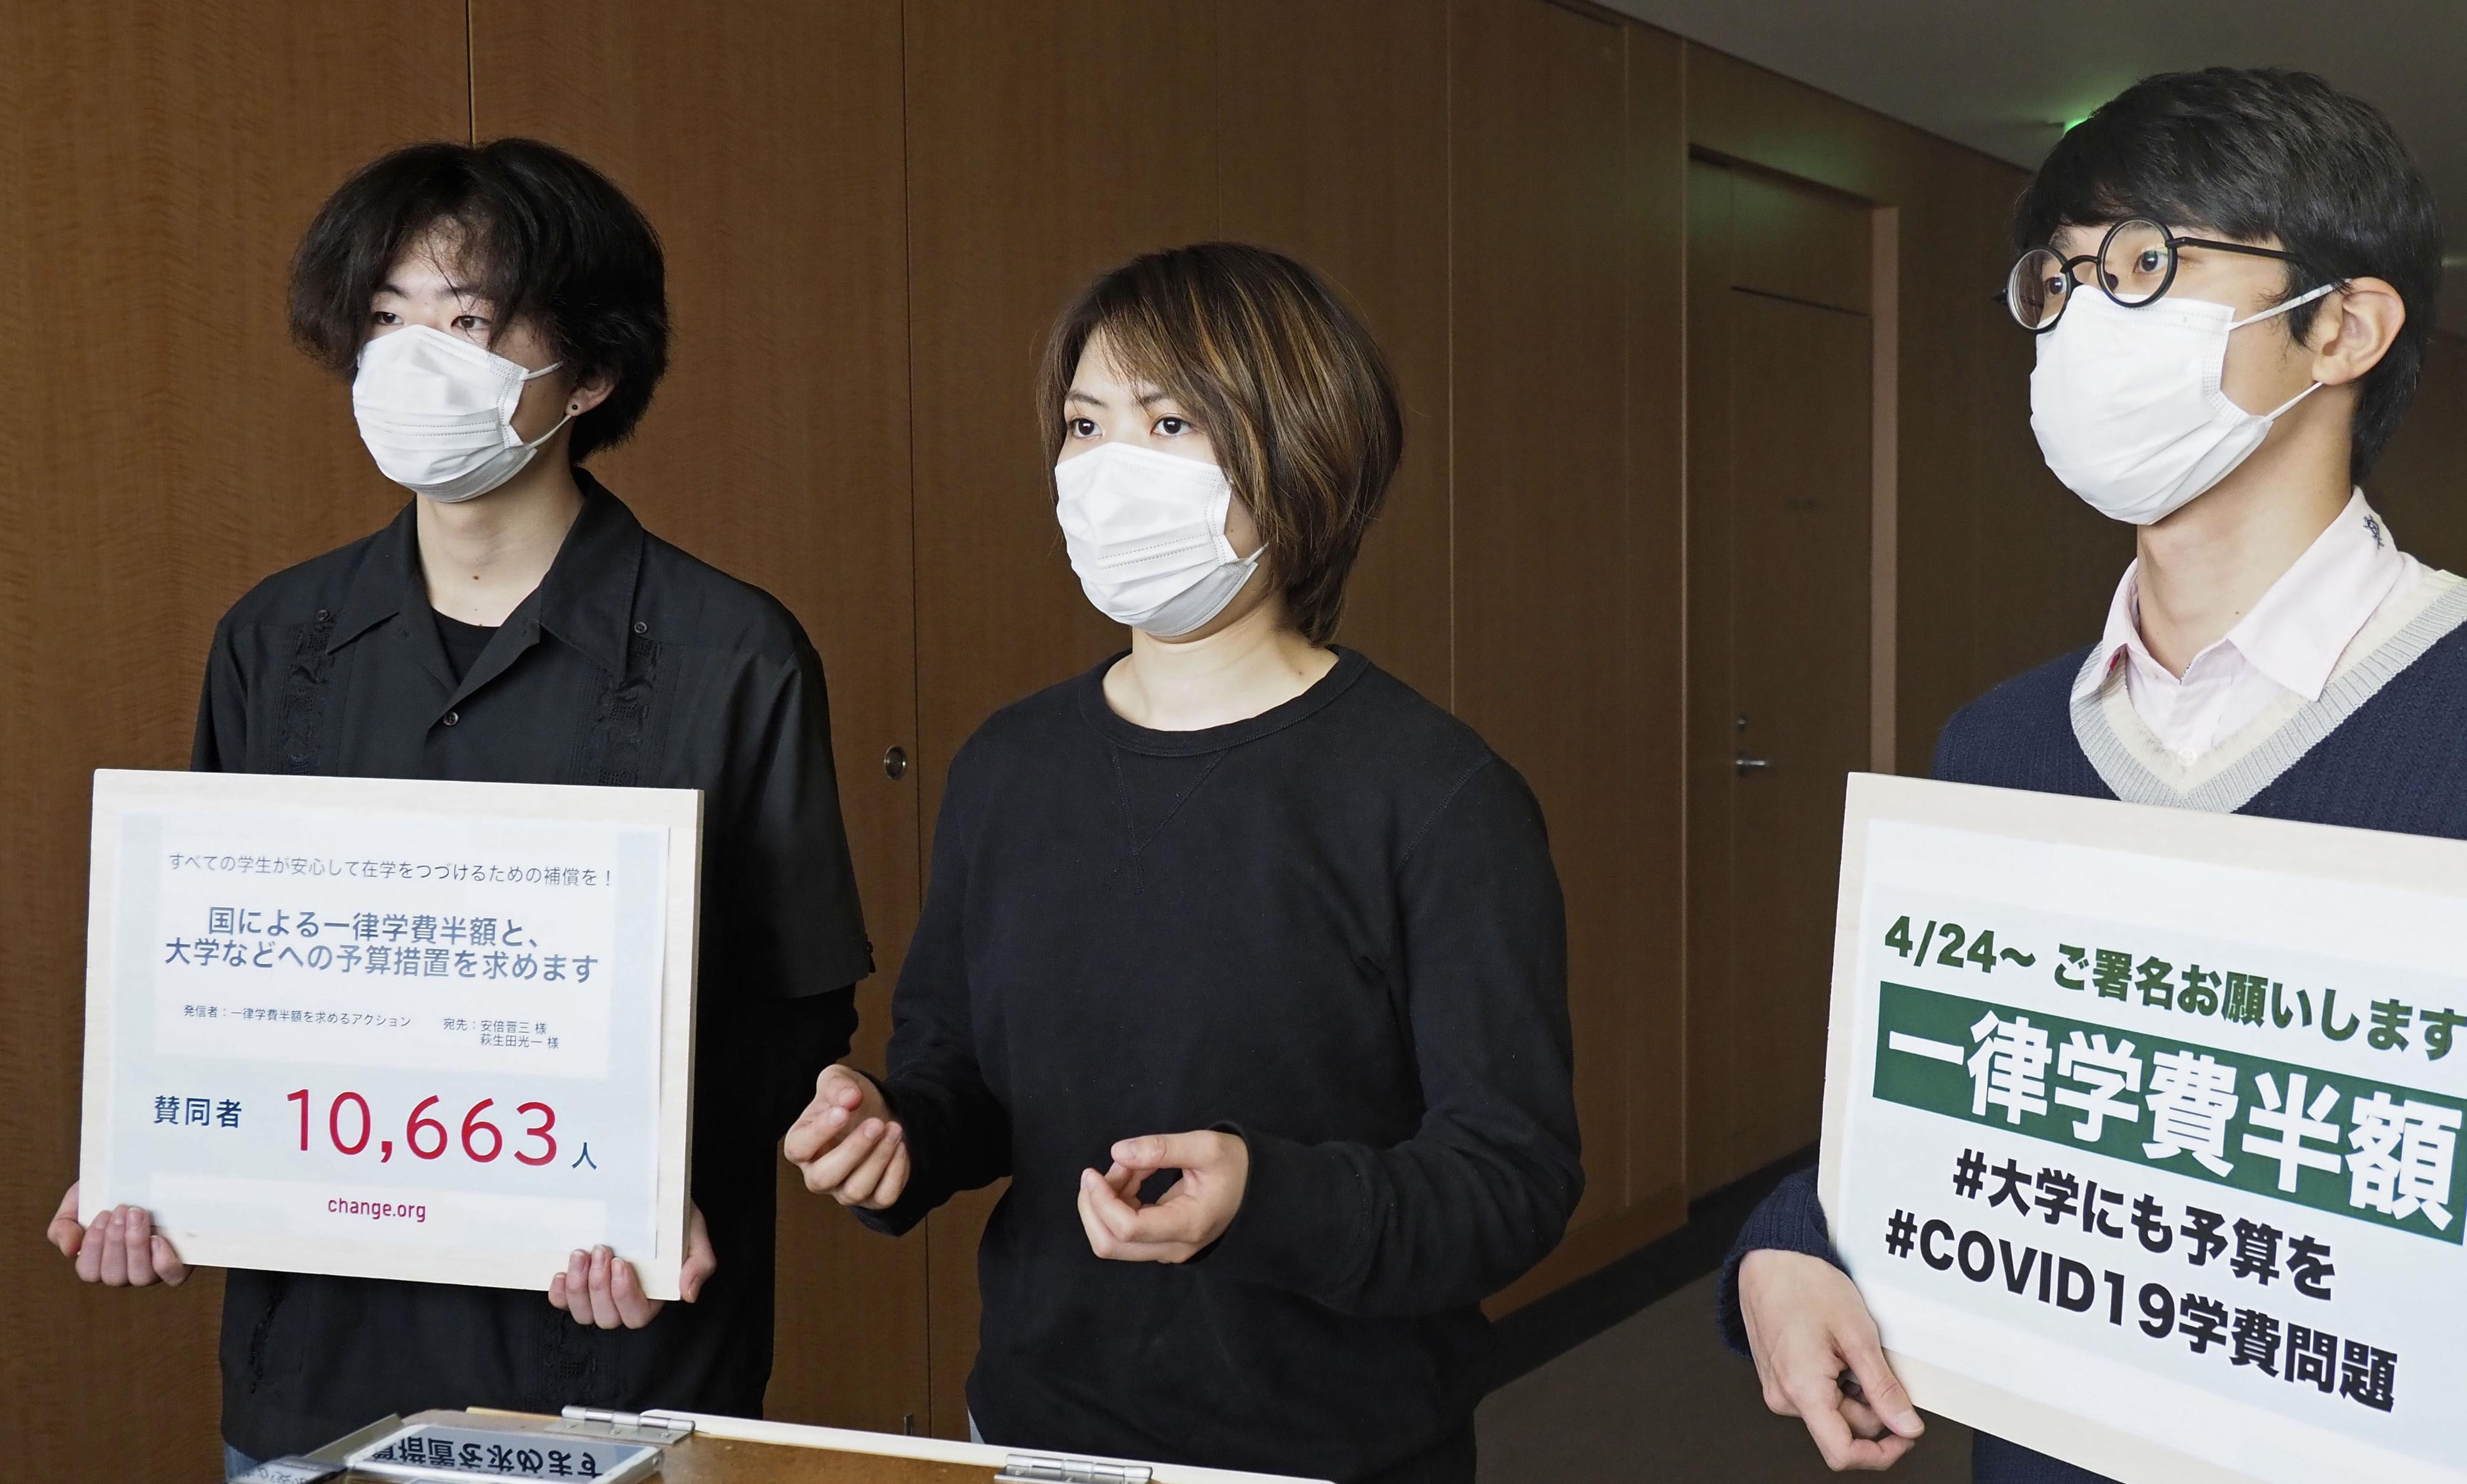 取材に応じる学生団体「一律学費半額を求めるアクション」代表の山岸鞠香さん(中央)ら=30日午後、文科省